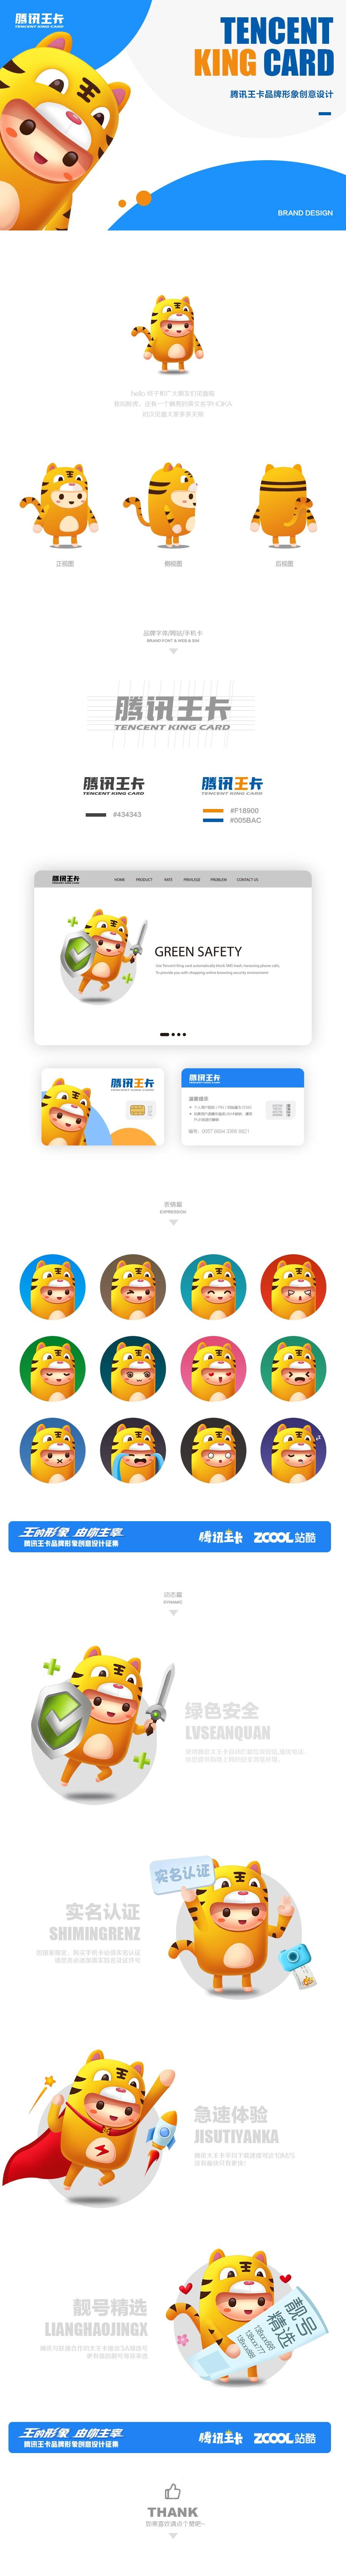 腾讯王卡品牌形象HOKA-刘孝文